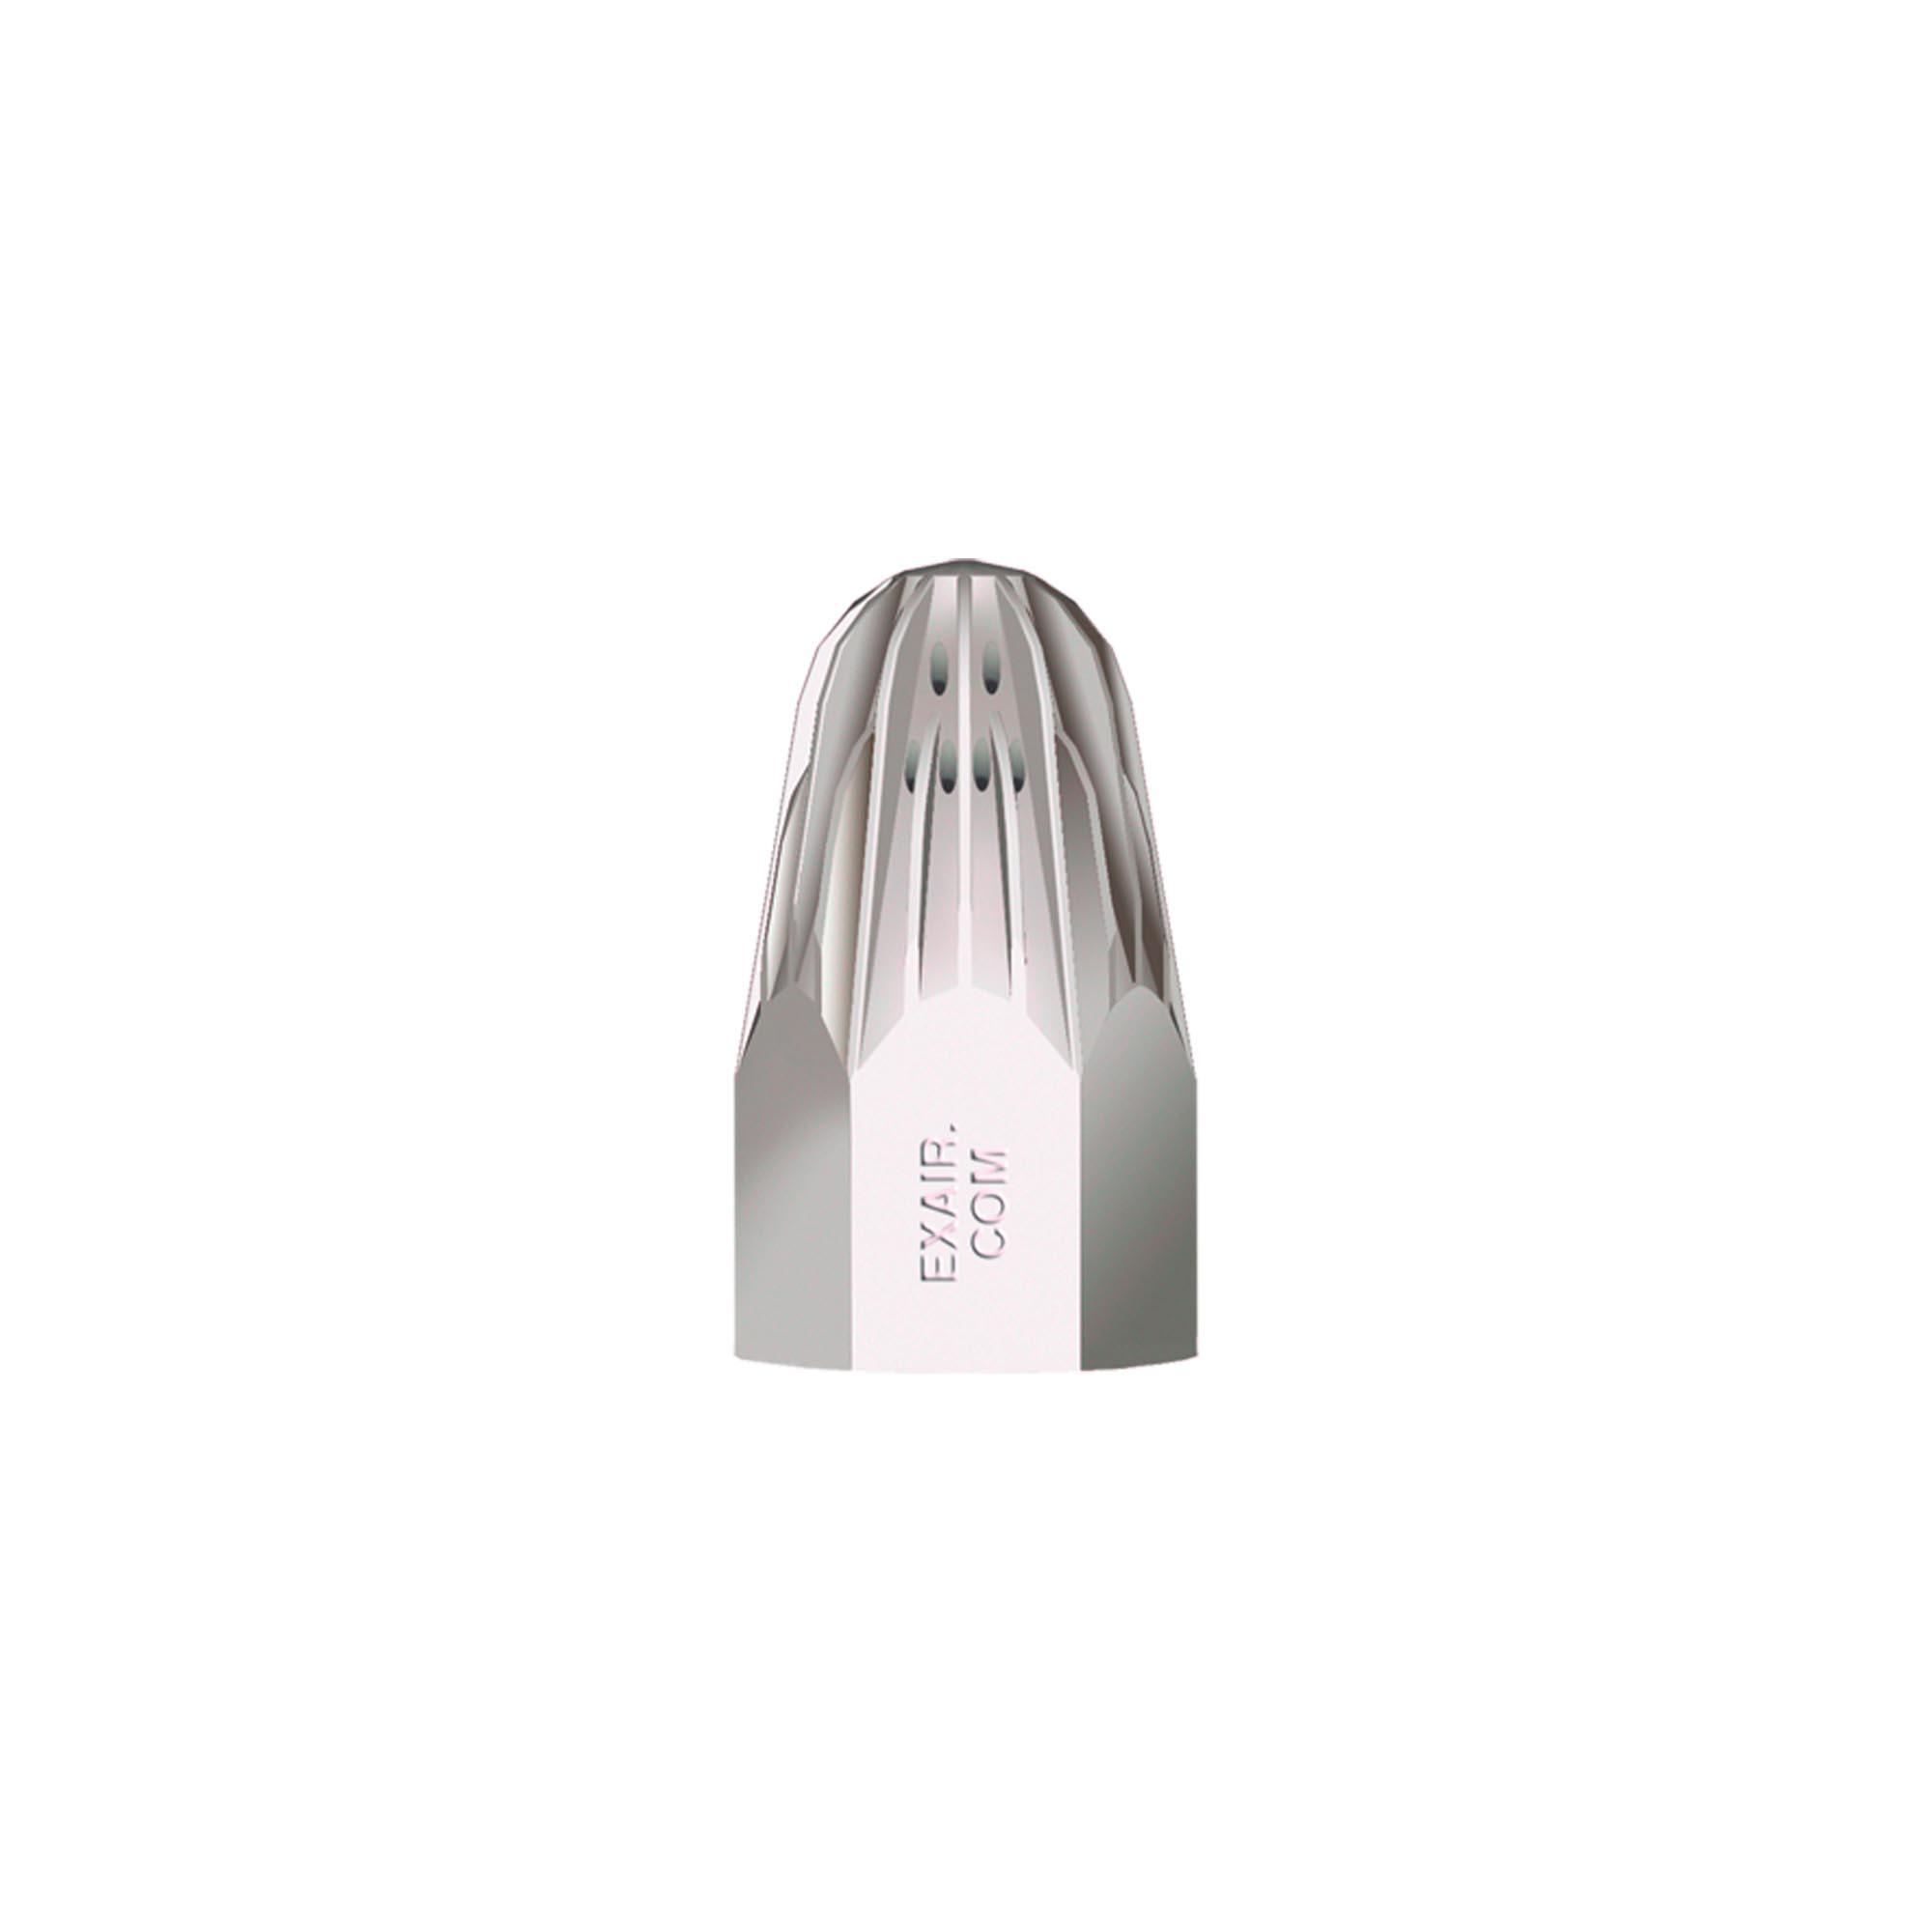 Model 1104 3/8 FNPT Large Super Air Nozzle